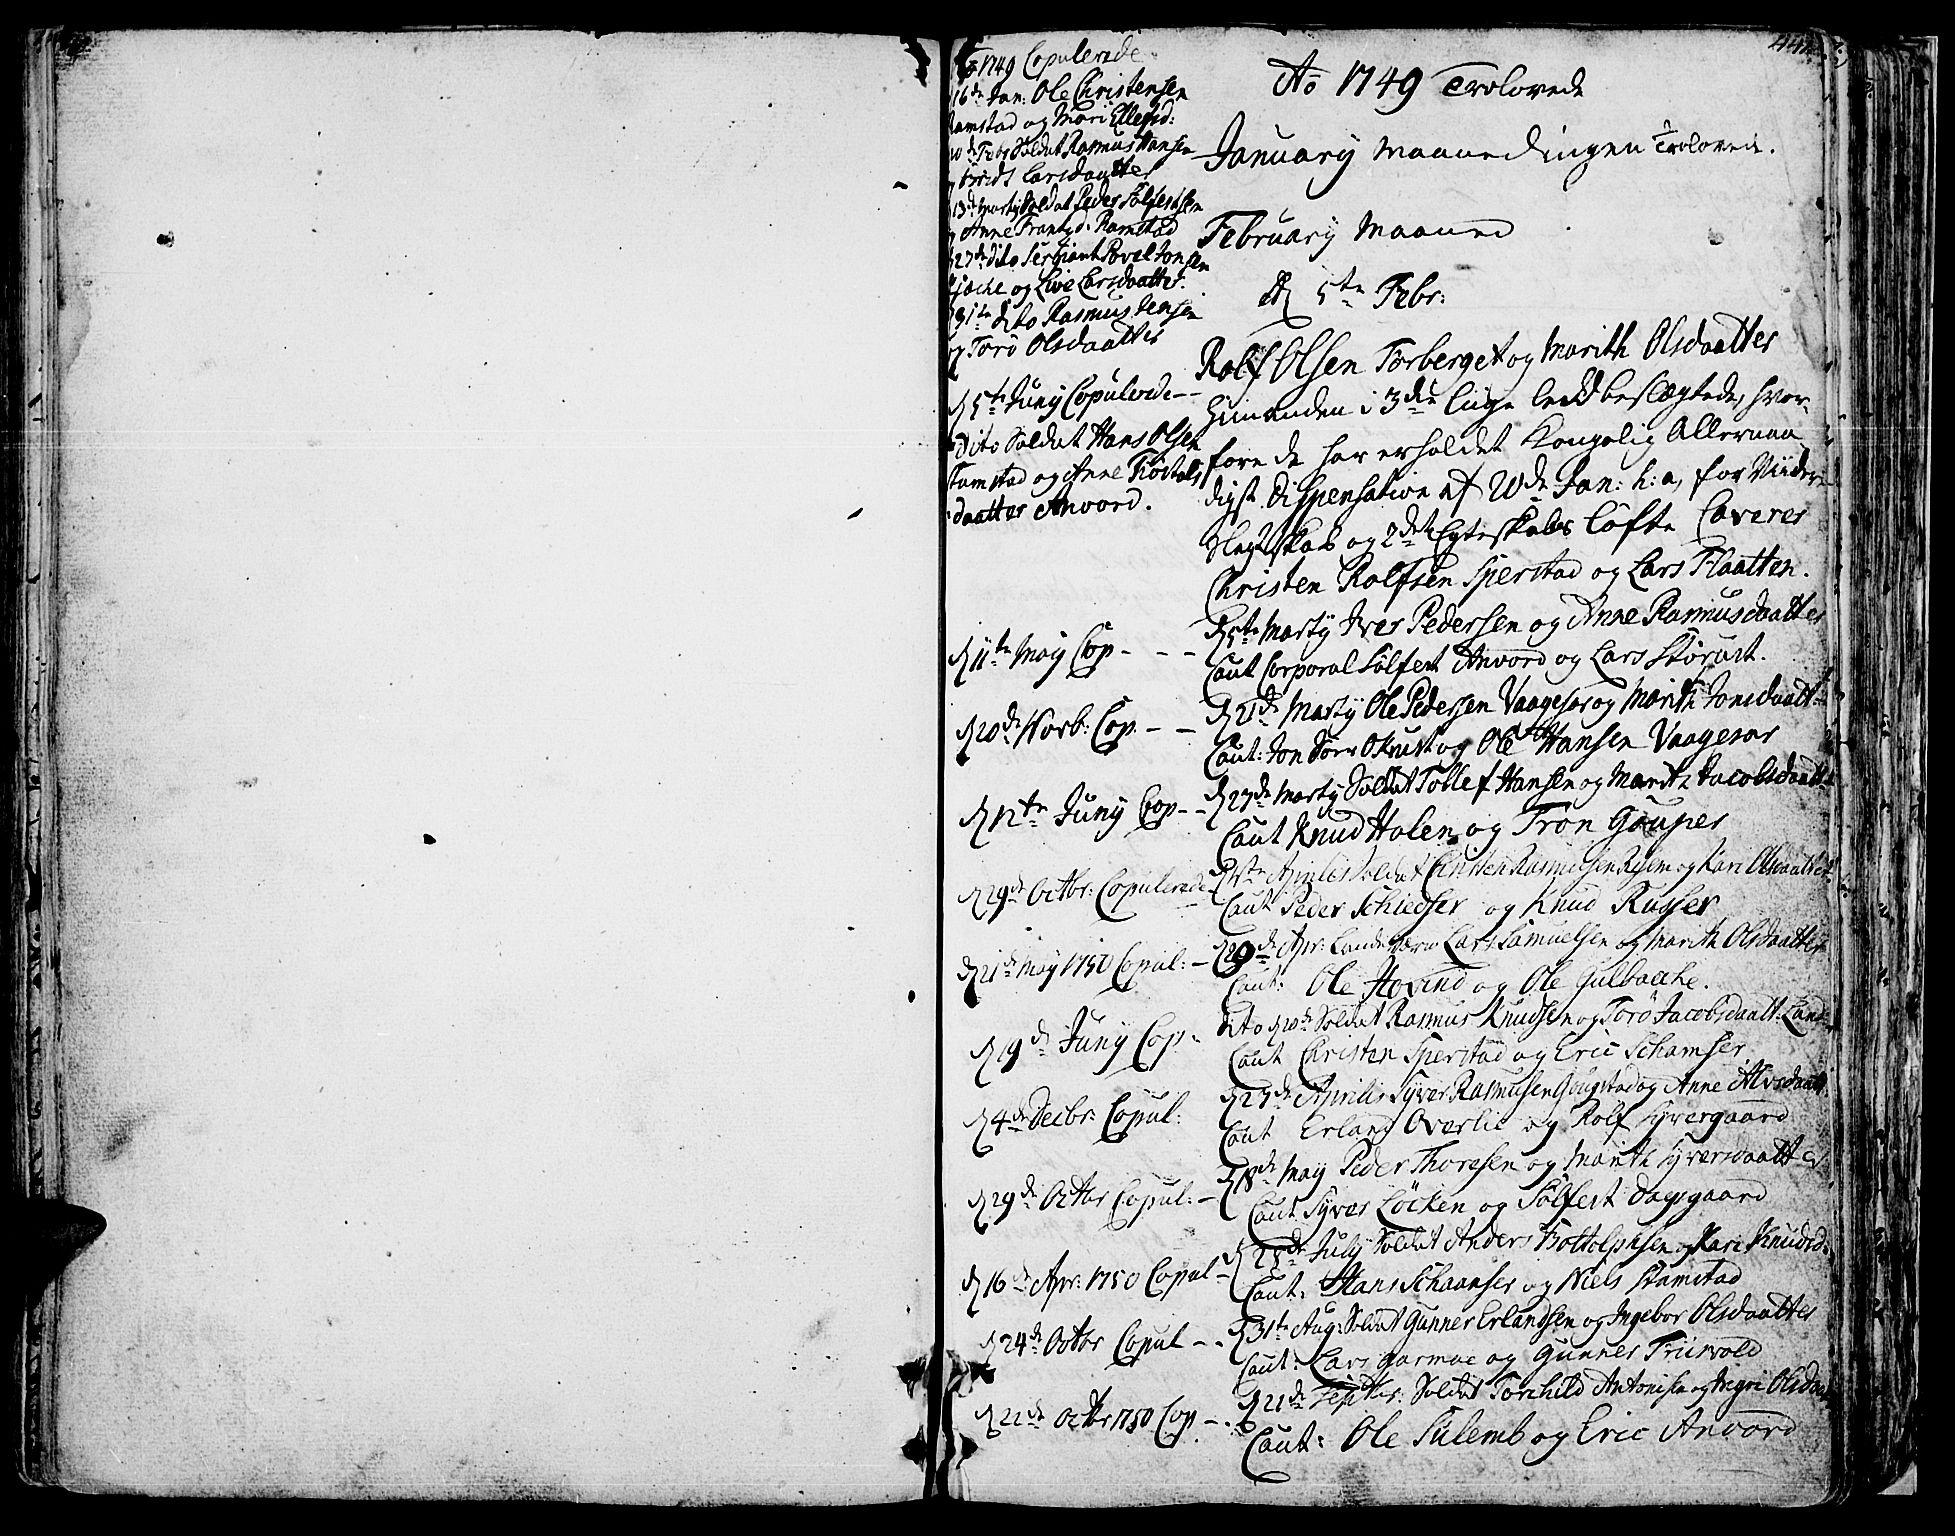 SAH, Lom prestekontor, K/L0002: Ministerialbok nr. 2, 1749-1801, s. 440-441